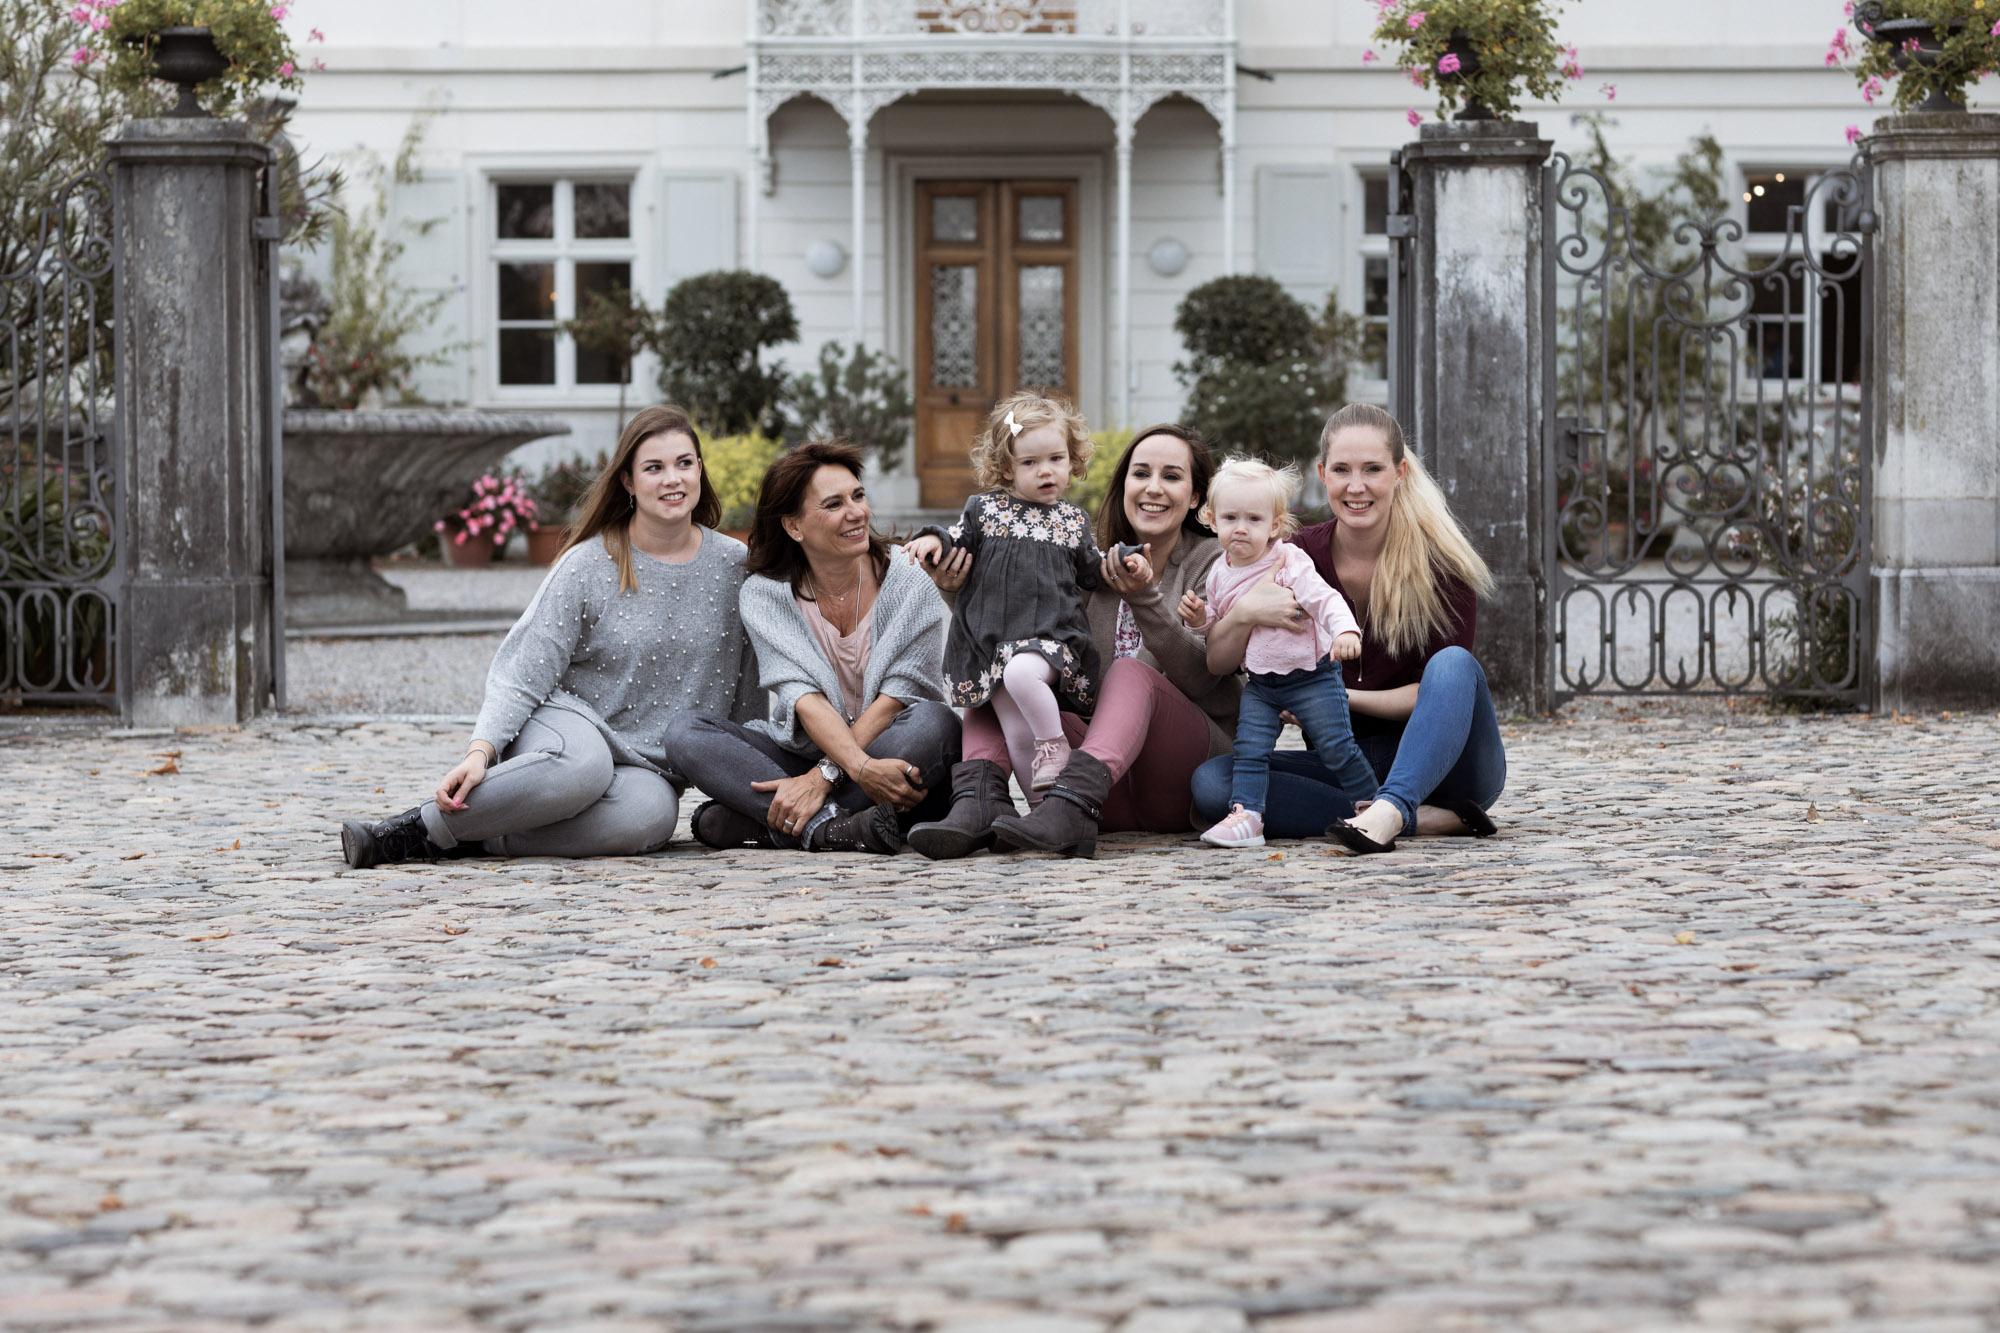 Die Oma mit der Tochter und den Enkelkinder beim Fotoshooting - Gross Familien Fotoshooting in Basel